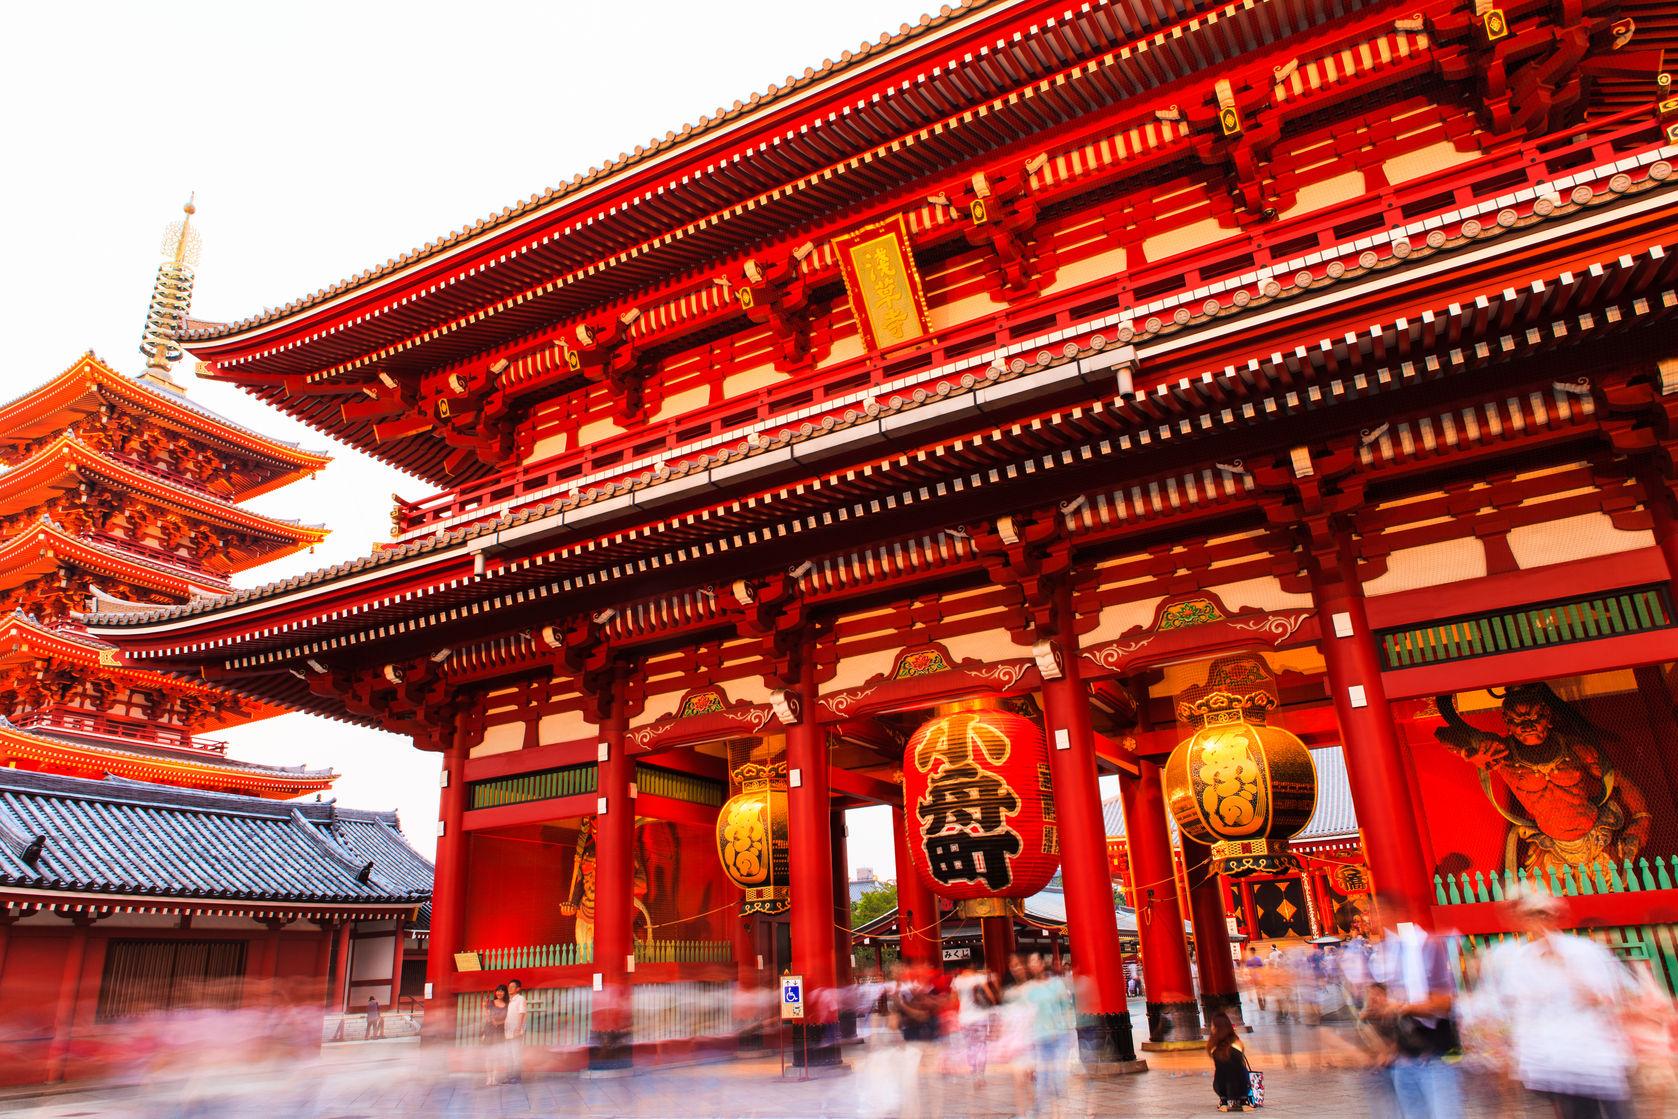 FTG Sensoji-ji Red Japanese Temple in Asakusa, Tokyo, Japan